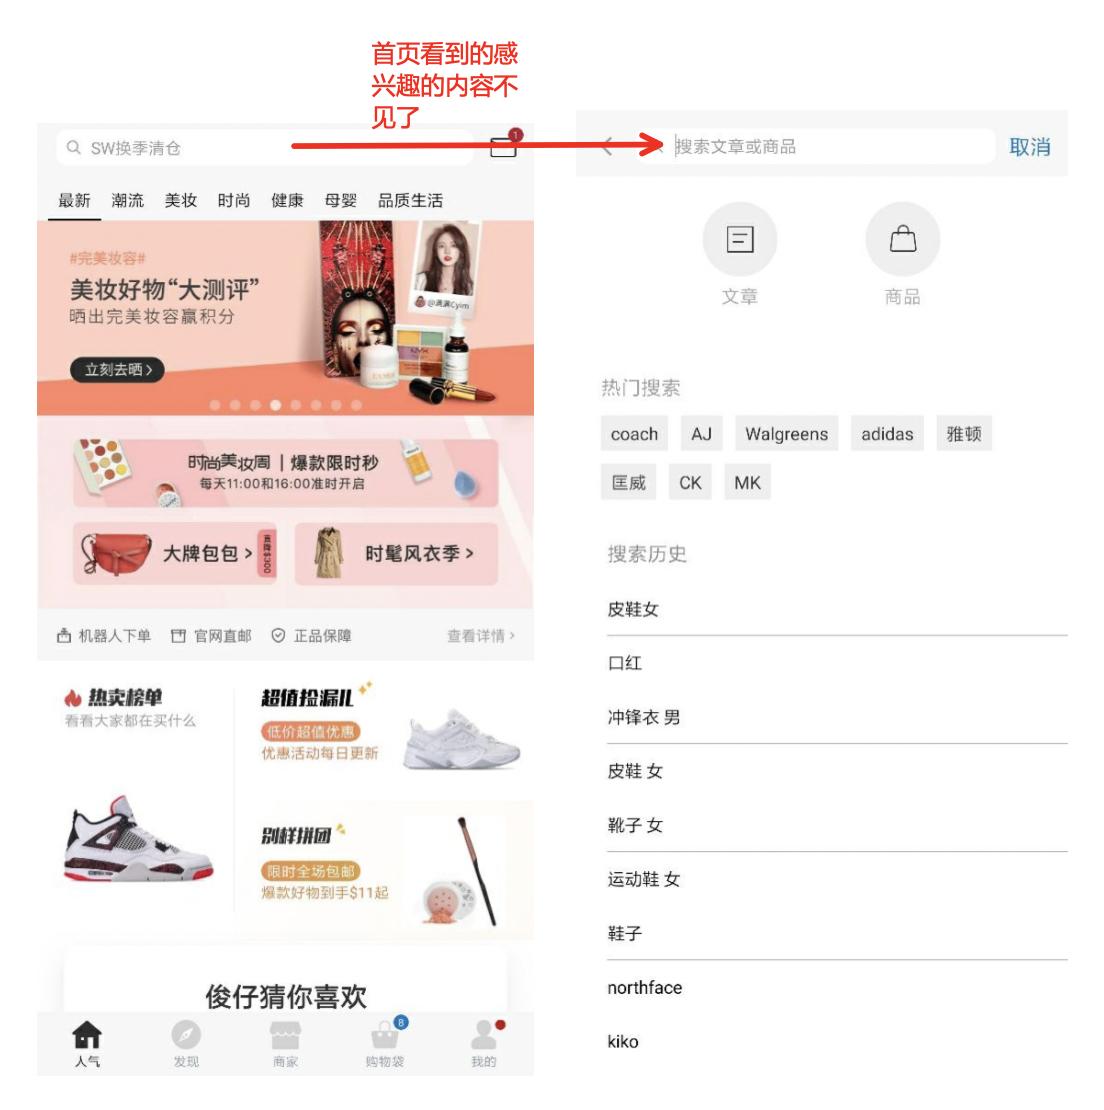 跨境直邮电商app「别样」产品分析报告